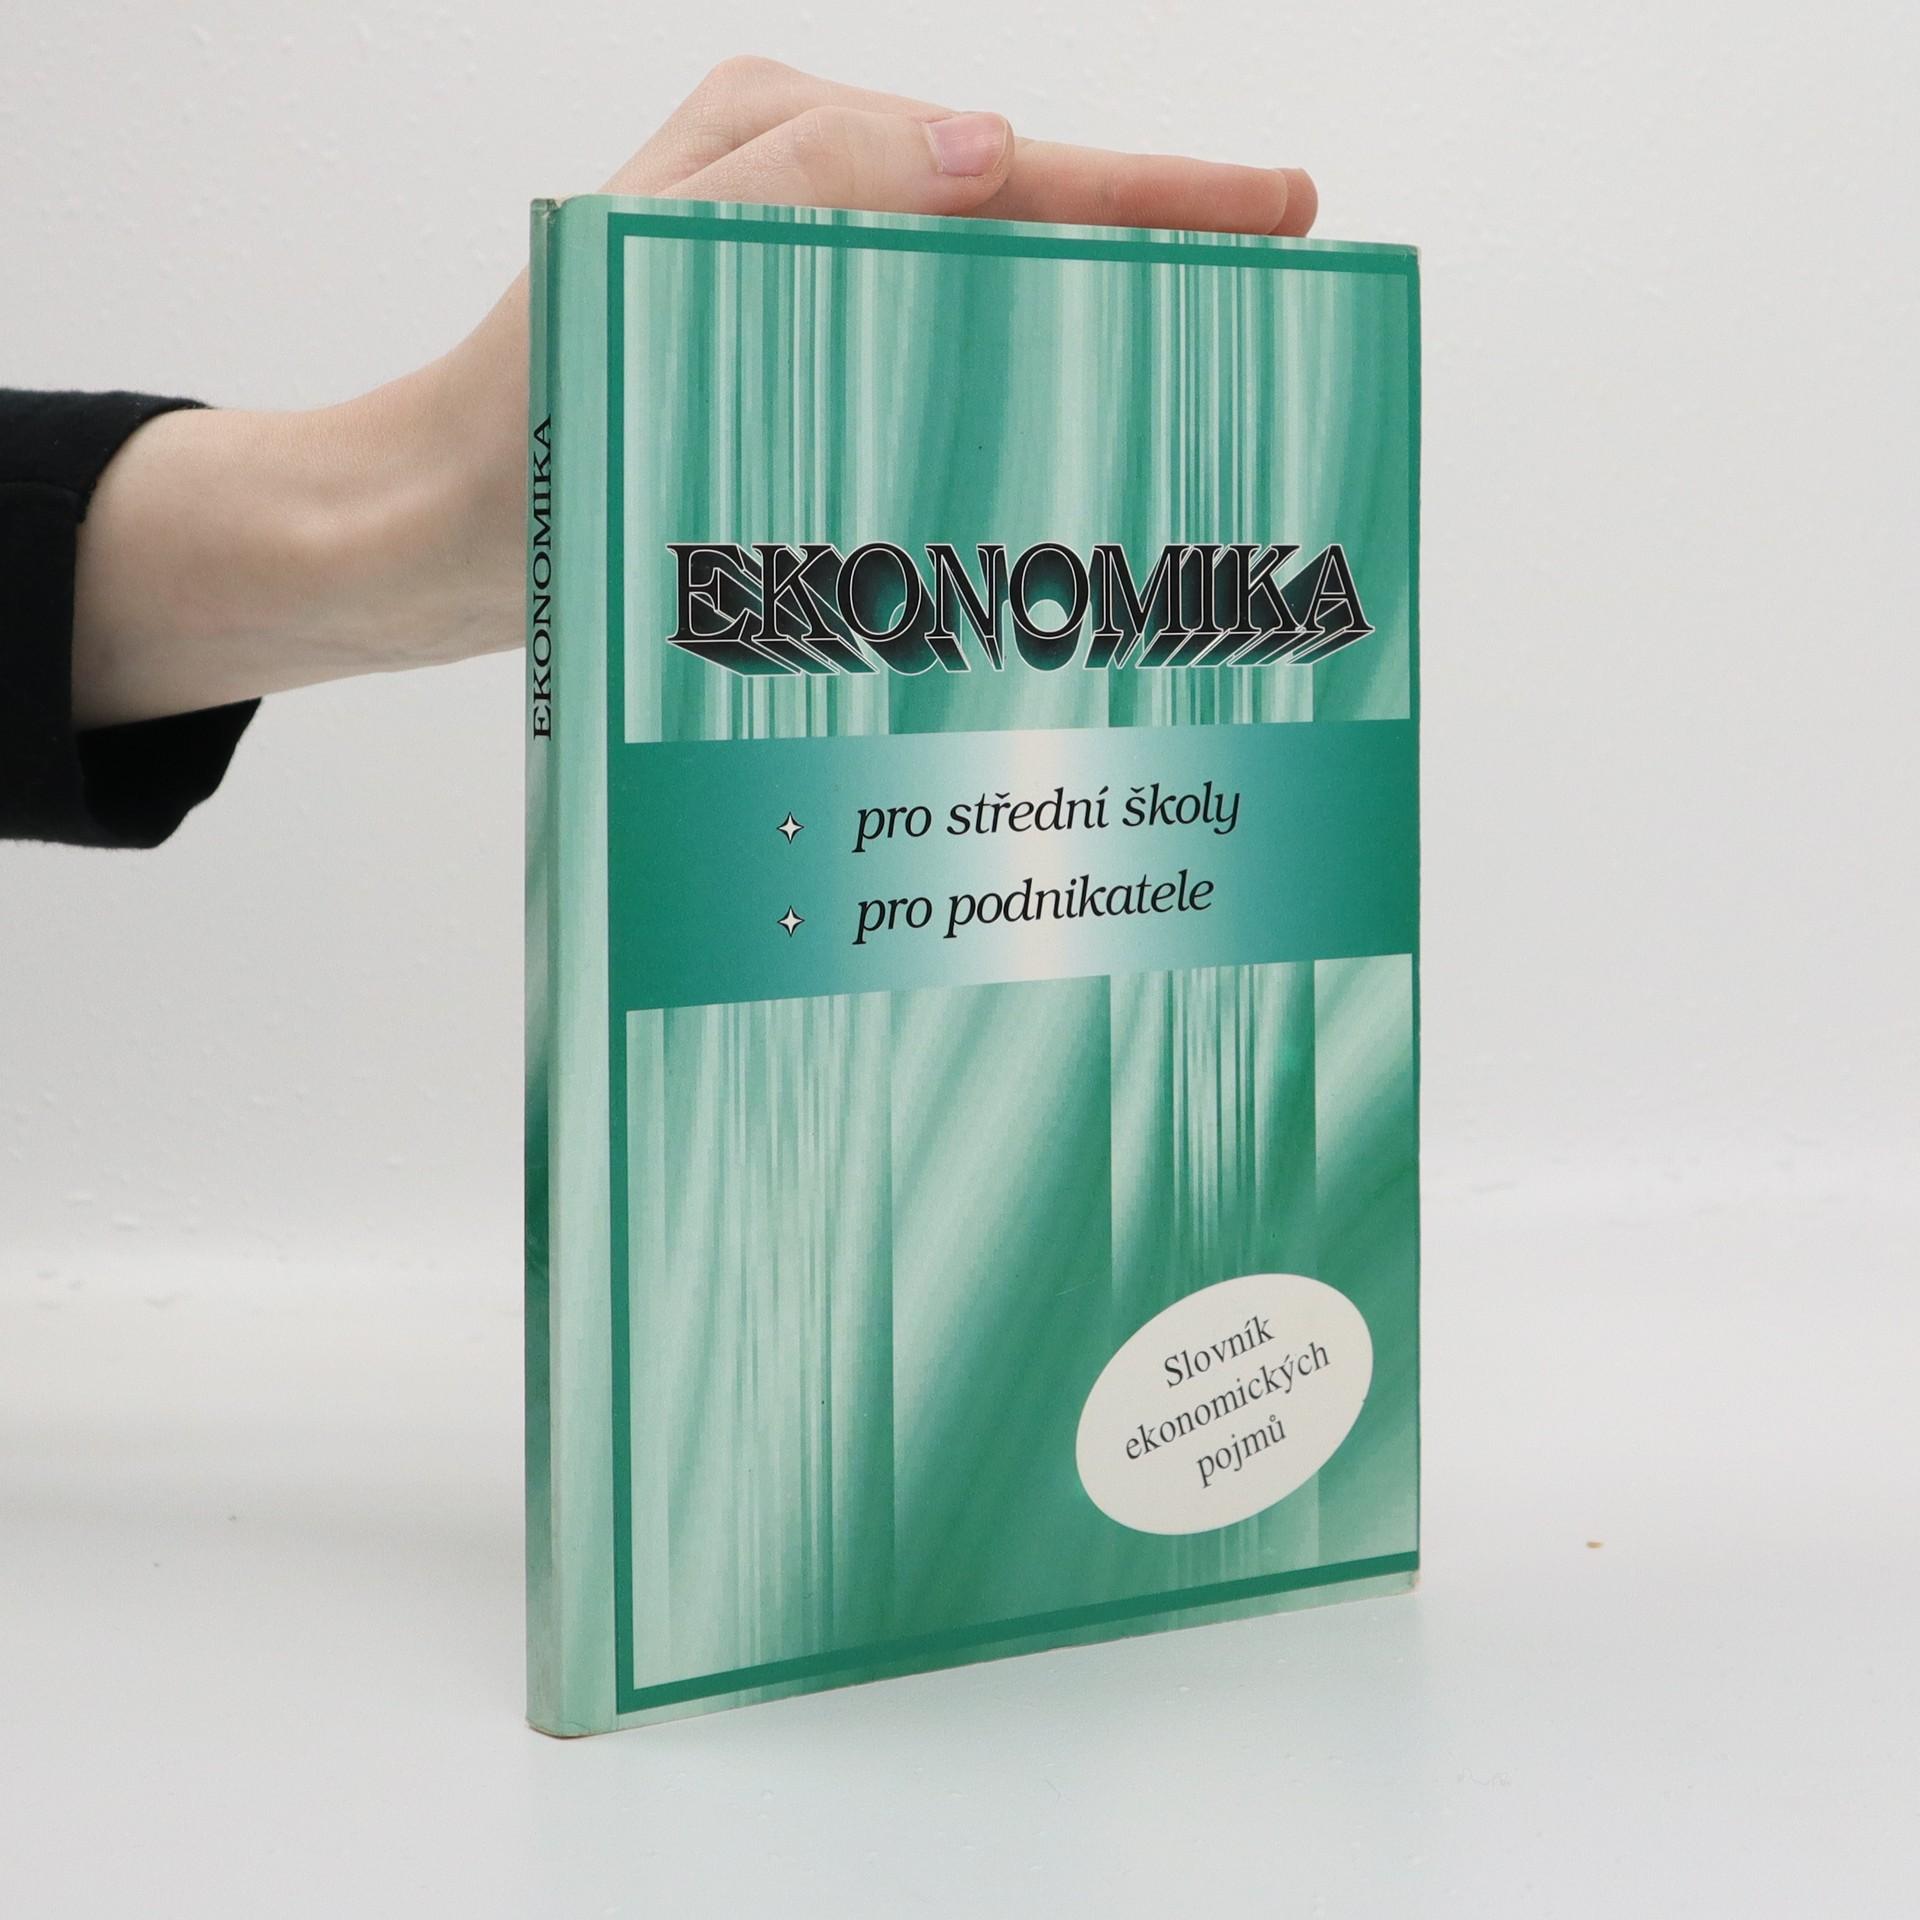 antikvární kniha Ekonomika, 1998